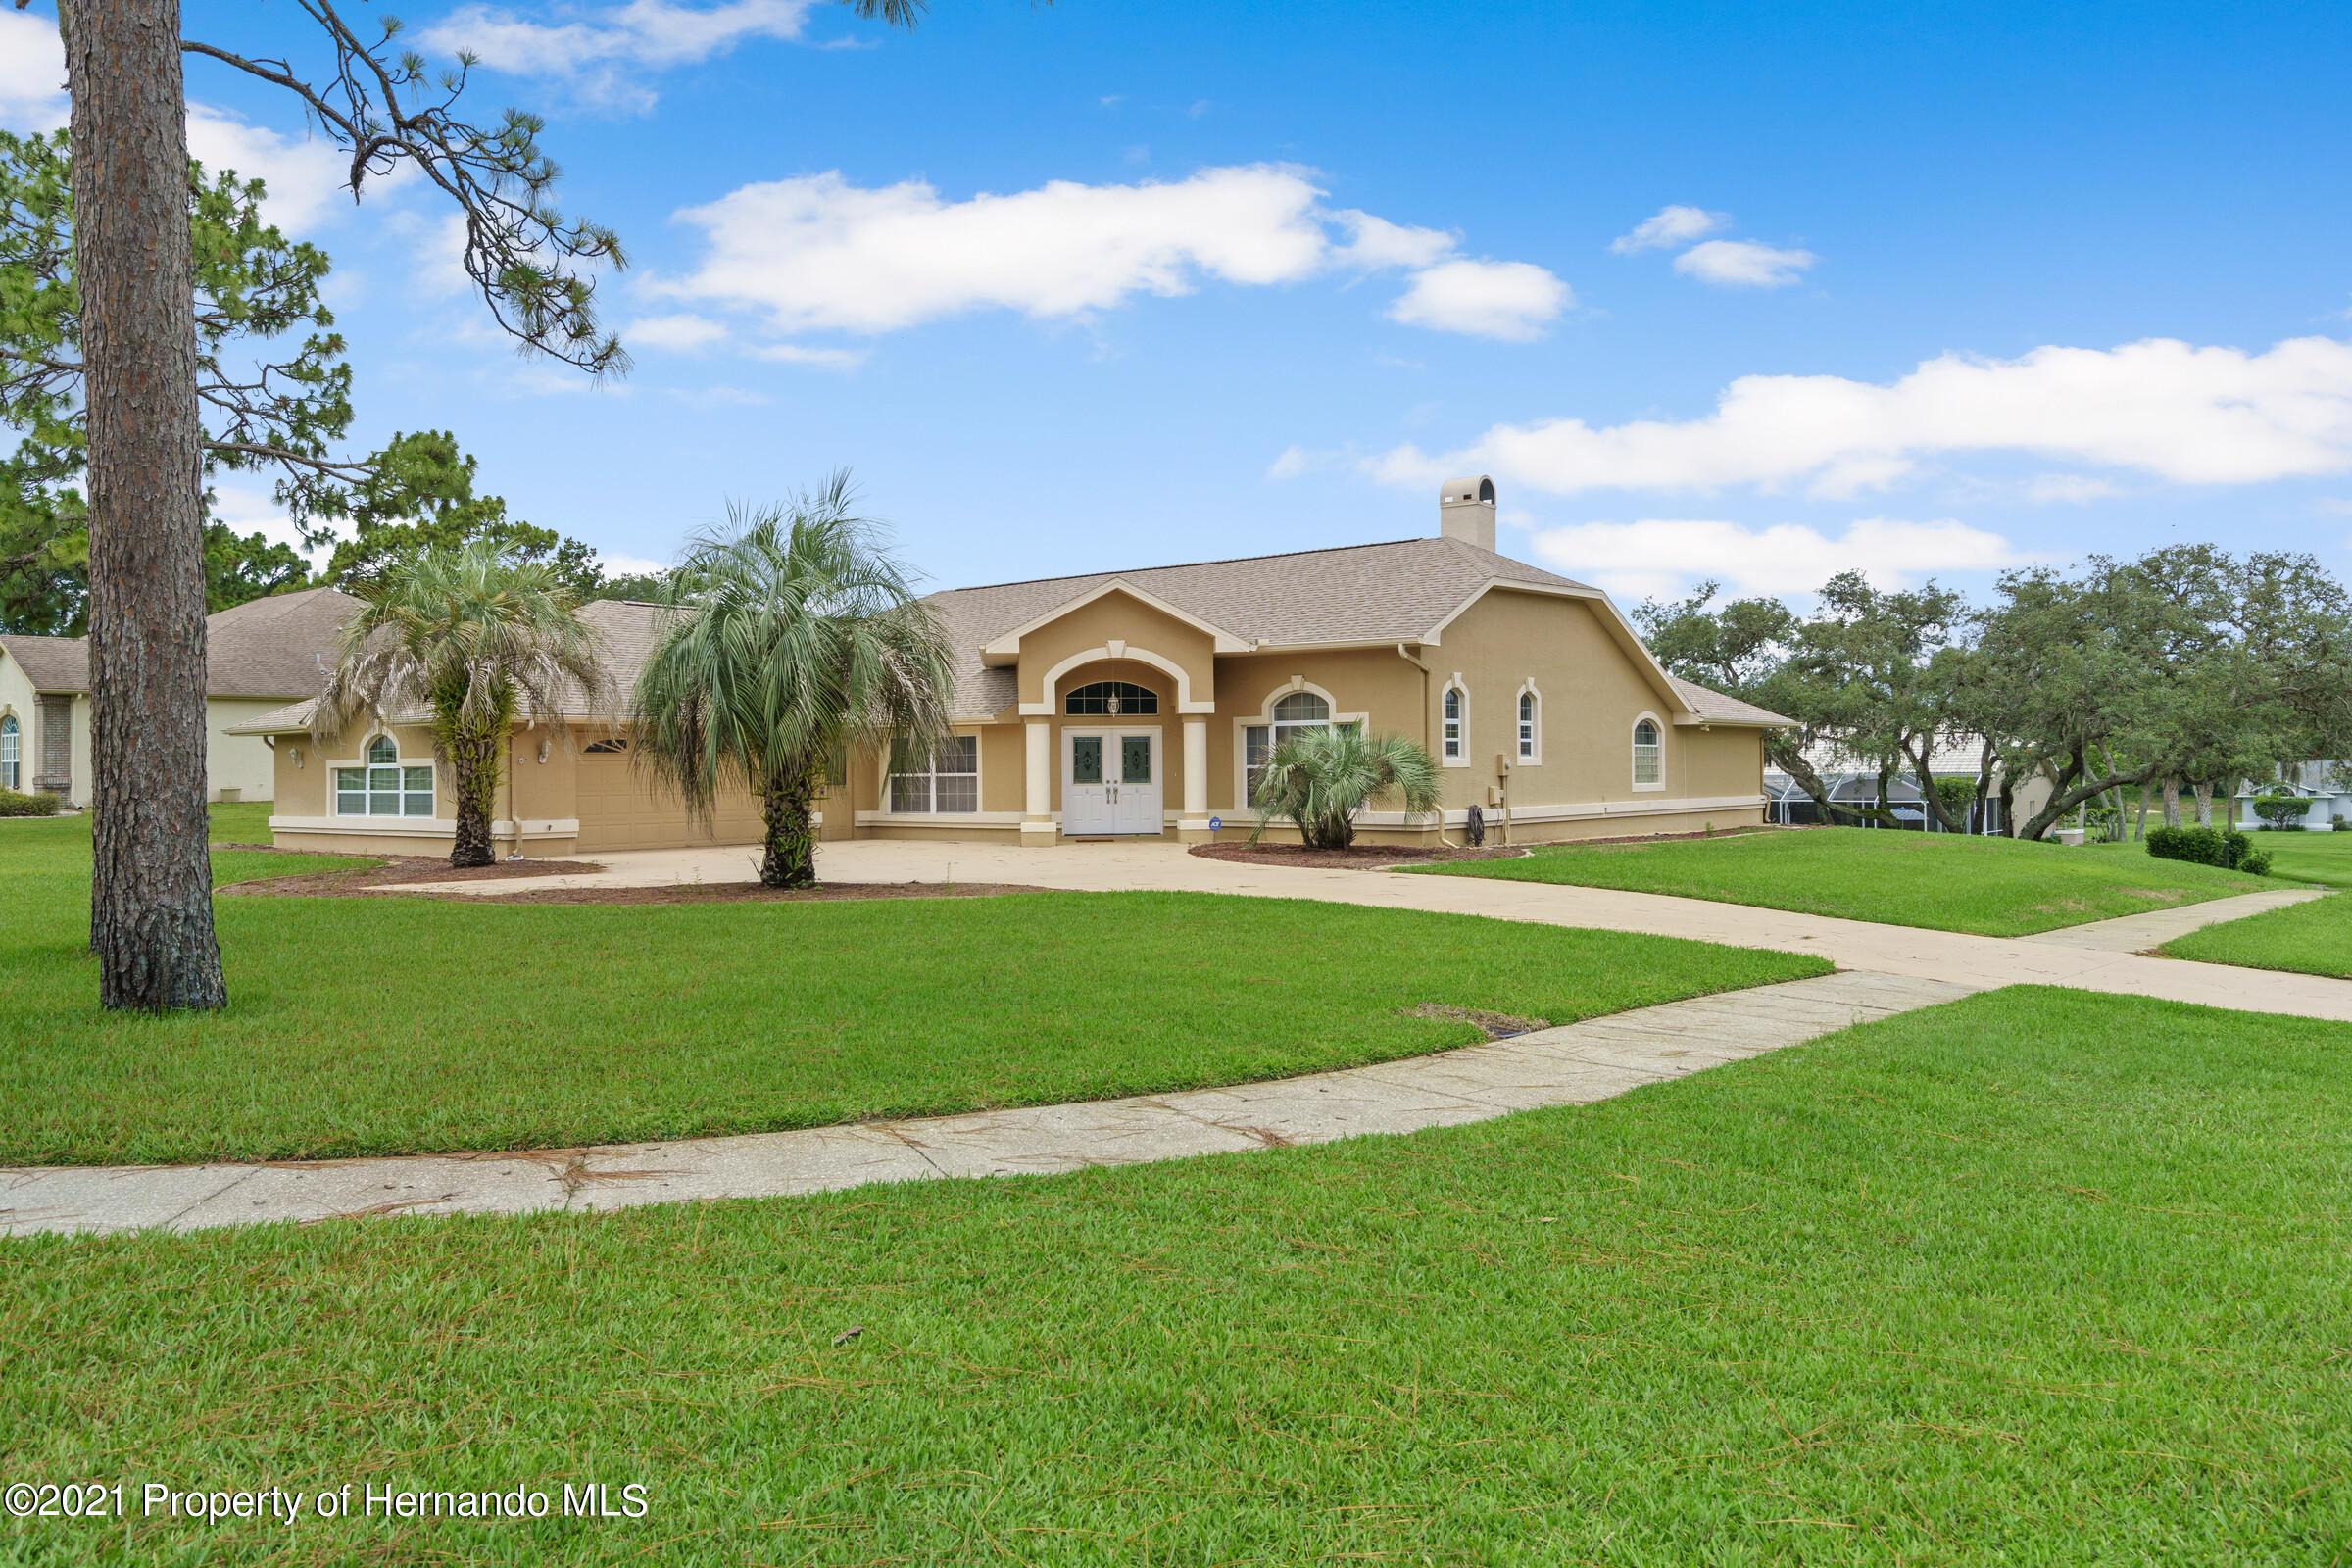 Details for 14592 Linden Drive, Spring Hill, FL 34609